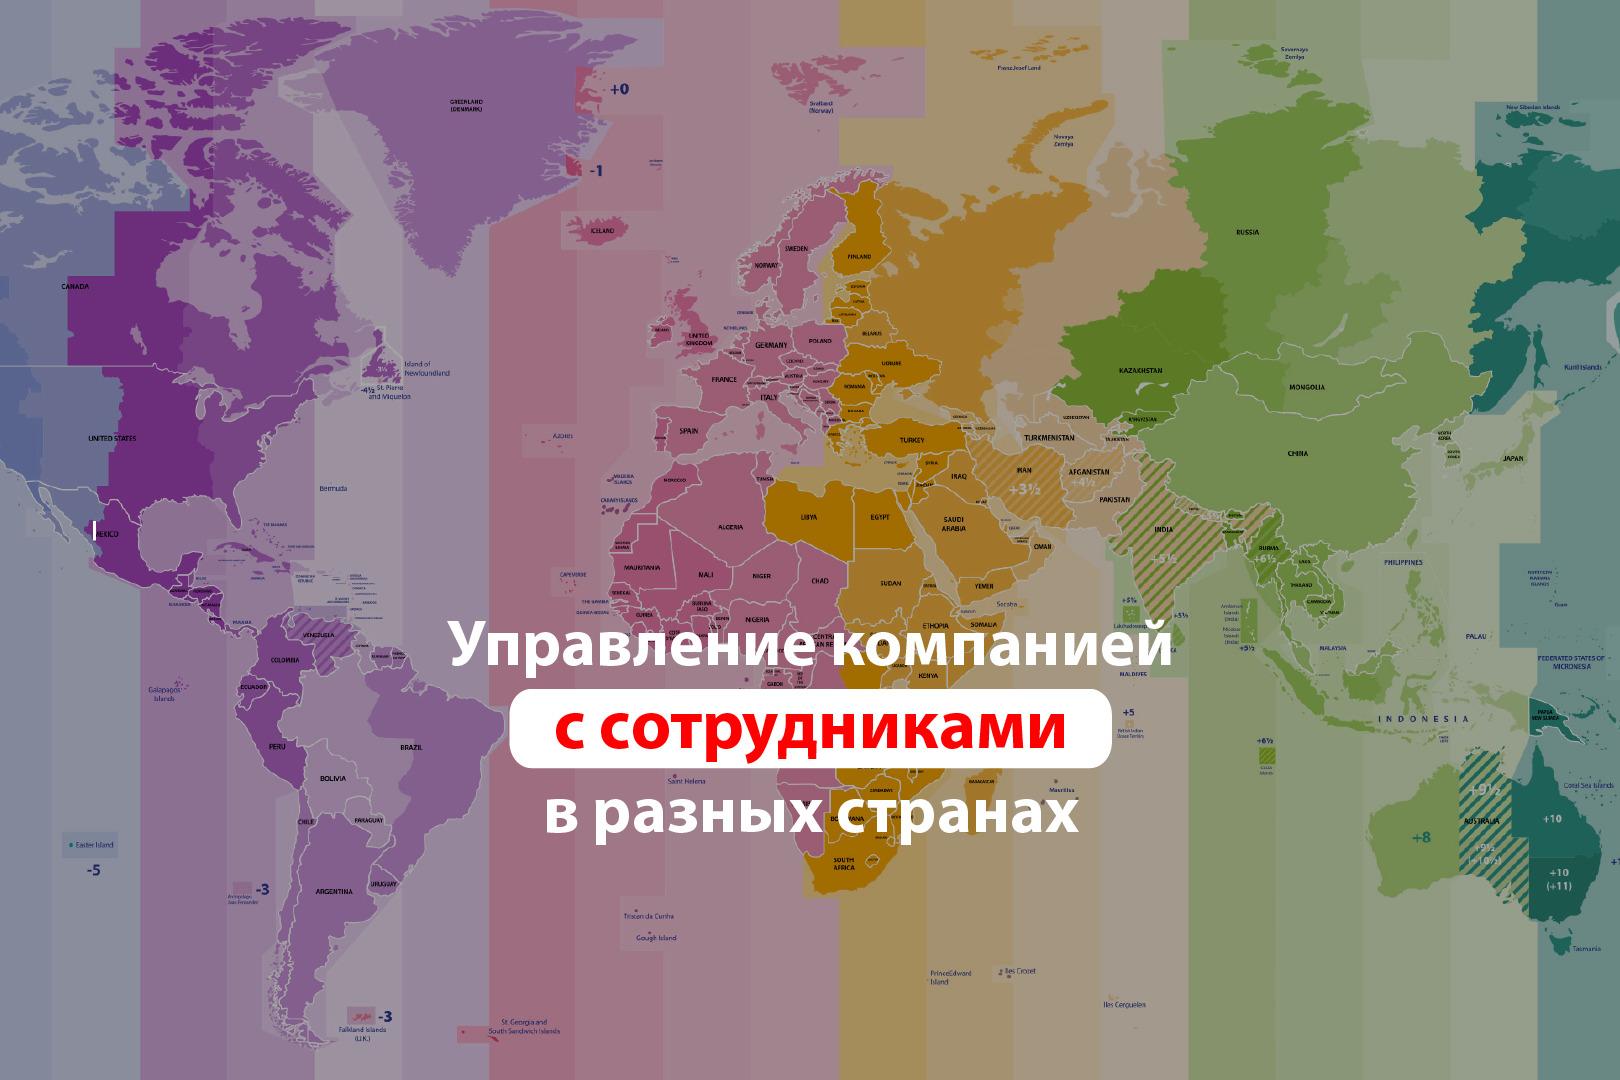 Управление-бизнесом-с-сотрудниками-в-разных-странах-агентство-Lio-Digital-Agency-l-io.ru